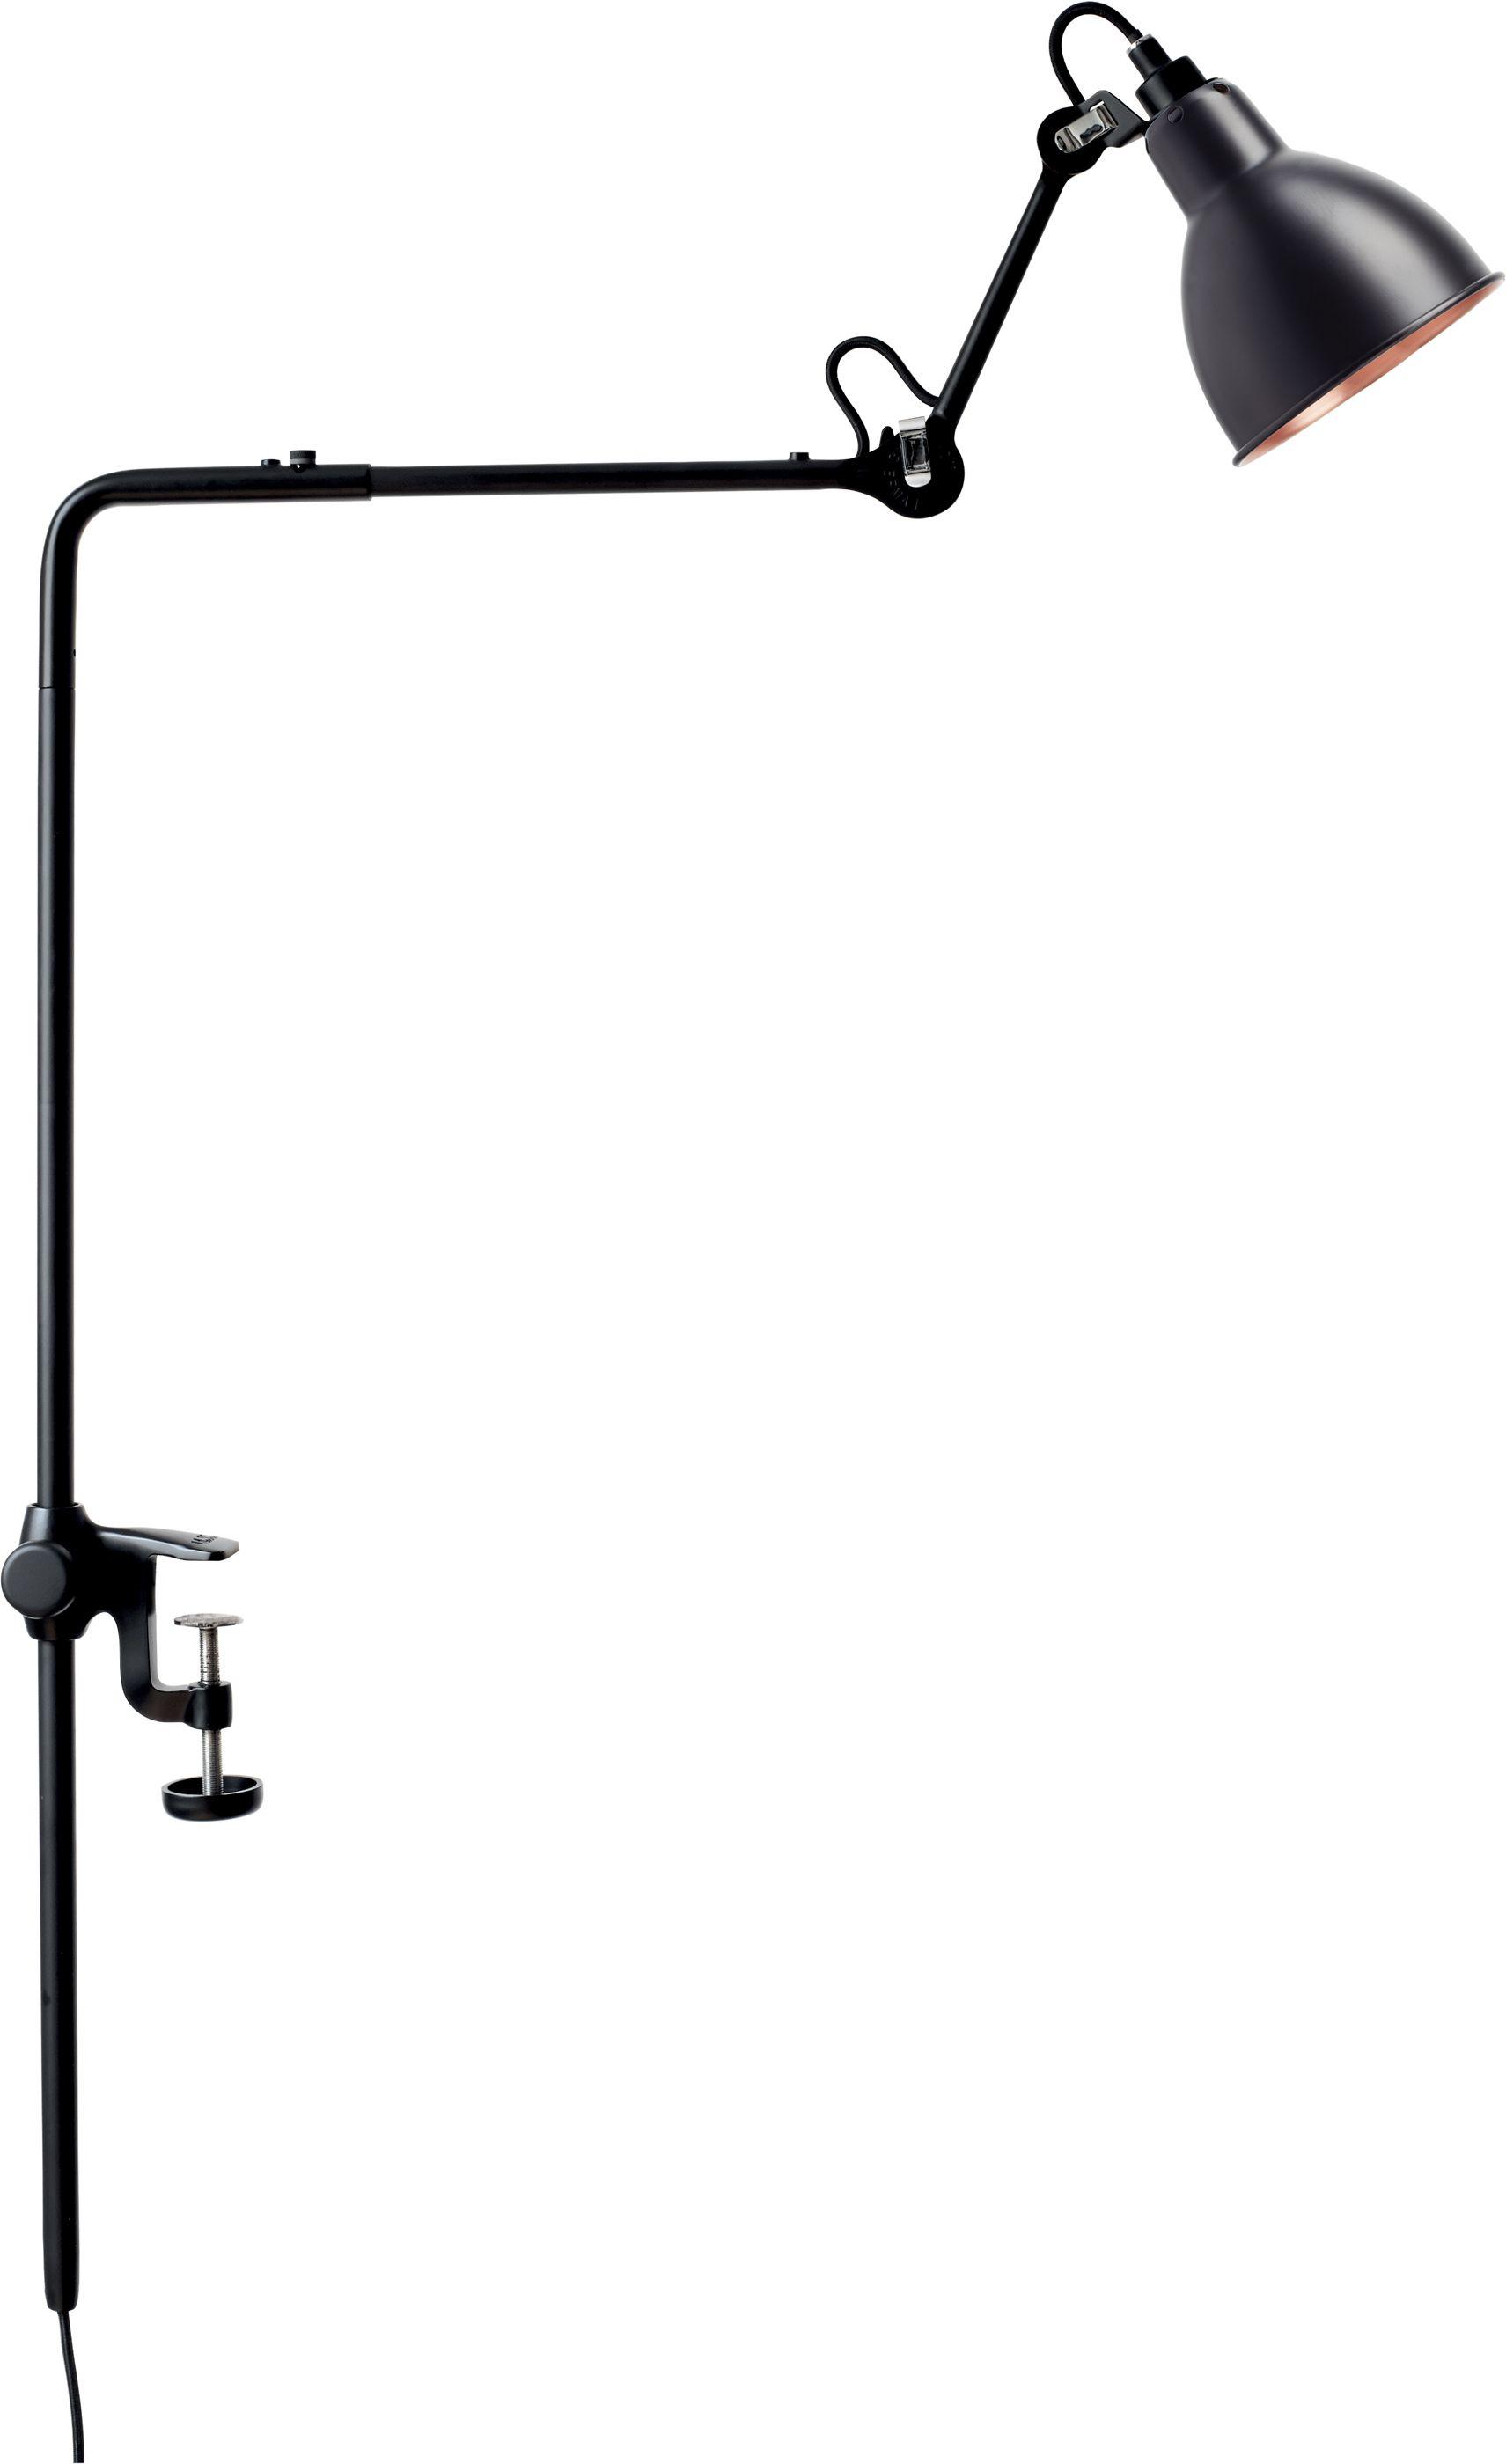 DCW éditions Lampe Gras N226 bureaulamp met tafelklem Koper/zwart